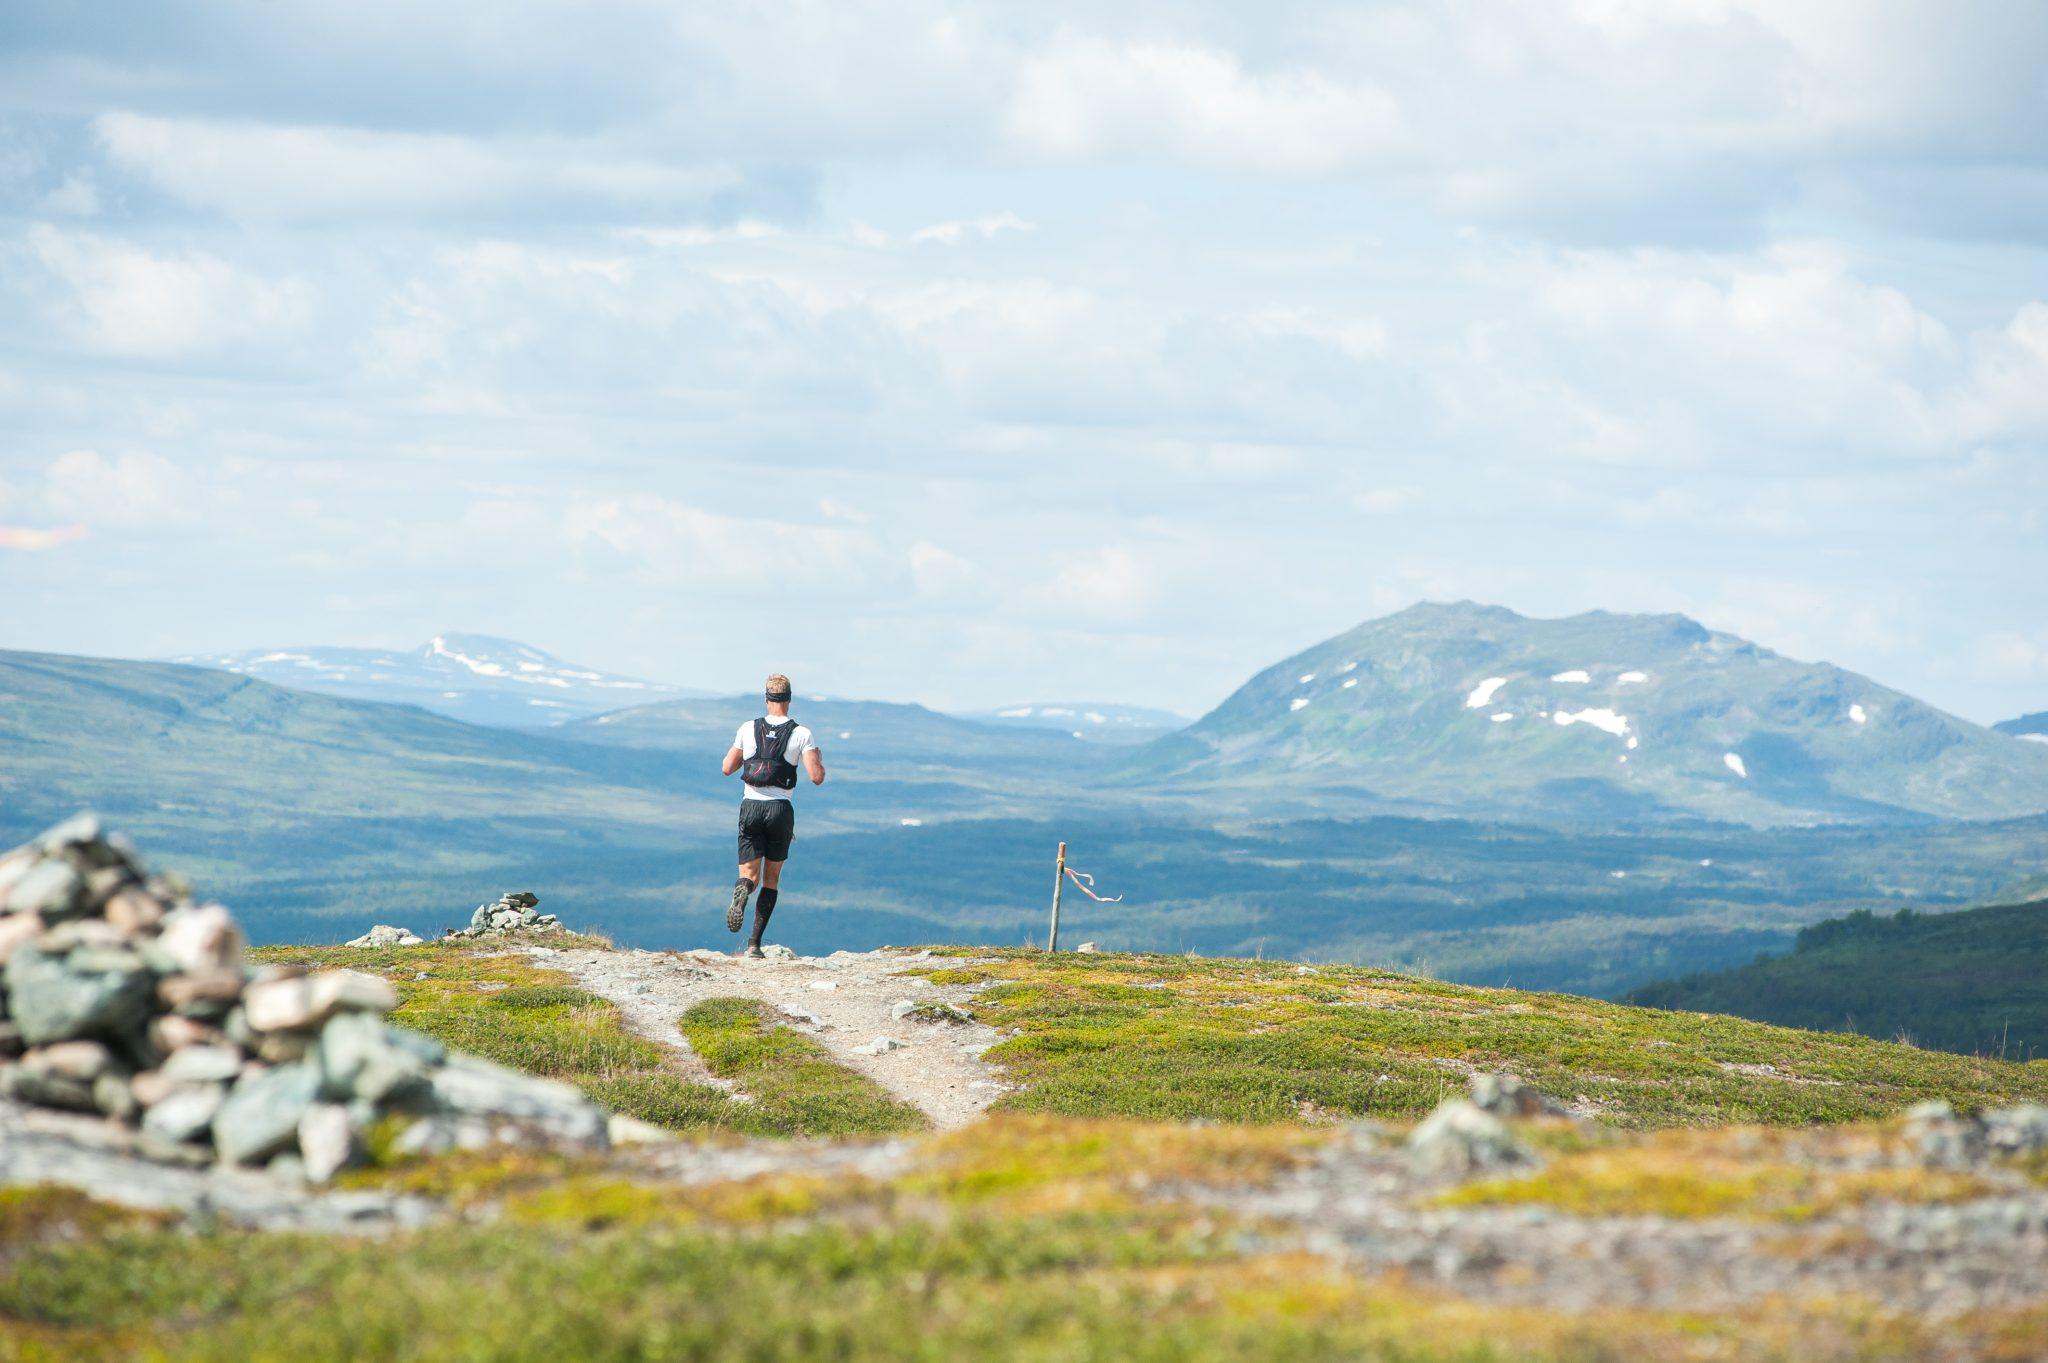 Ramundberget Trail Löpare på väg över fjället med fjälltoppar i bakgrunden